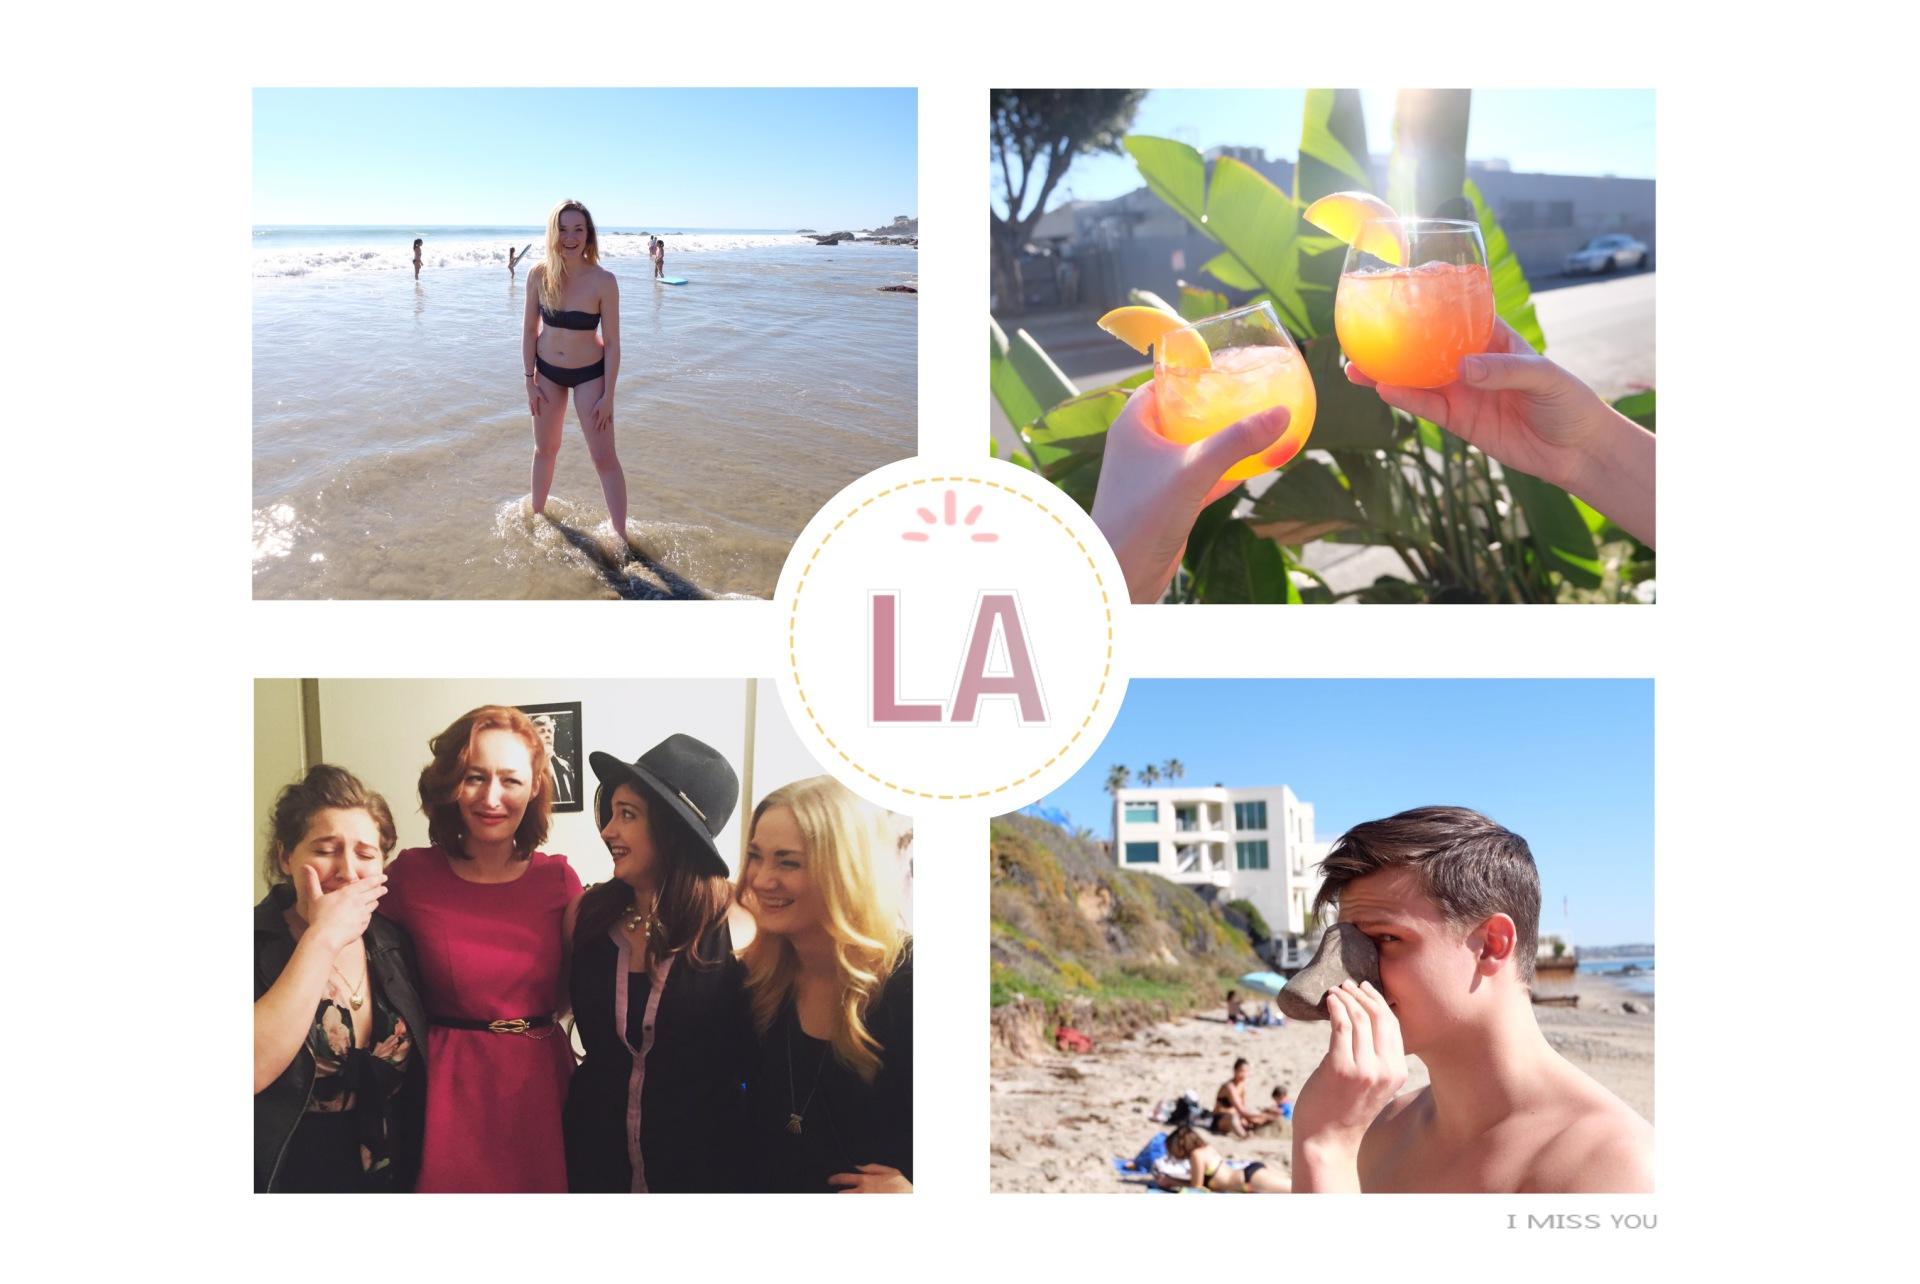 My LA LA Land Daydream